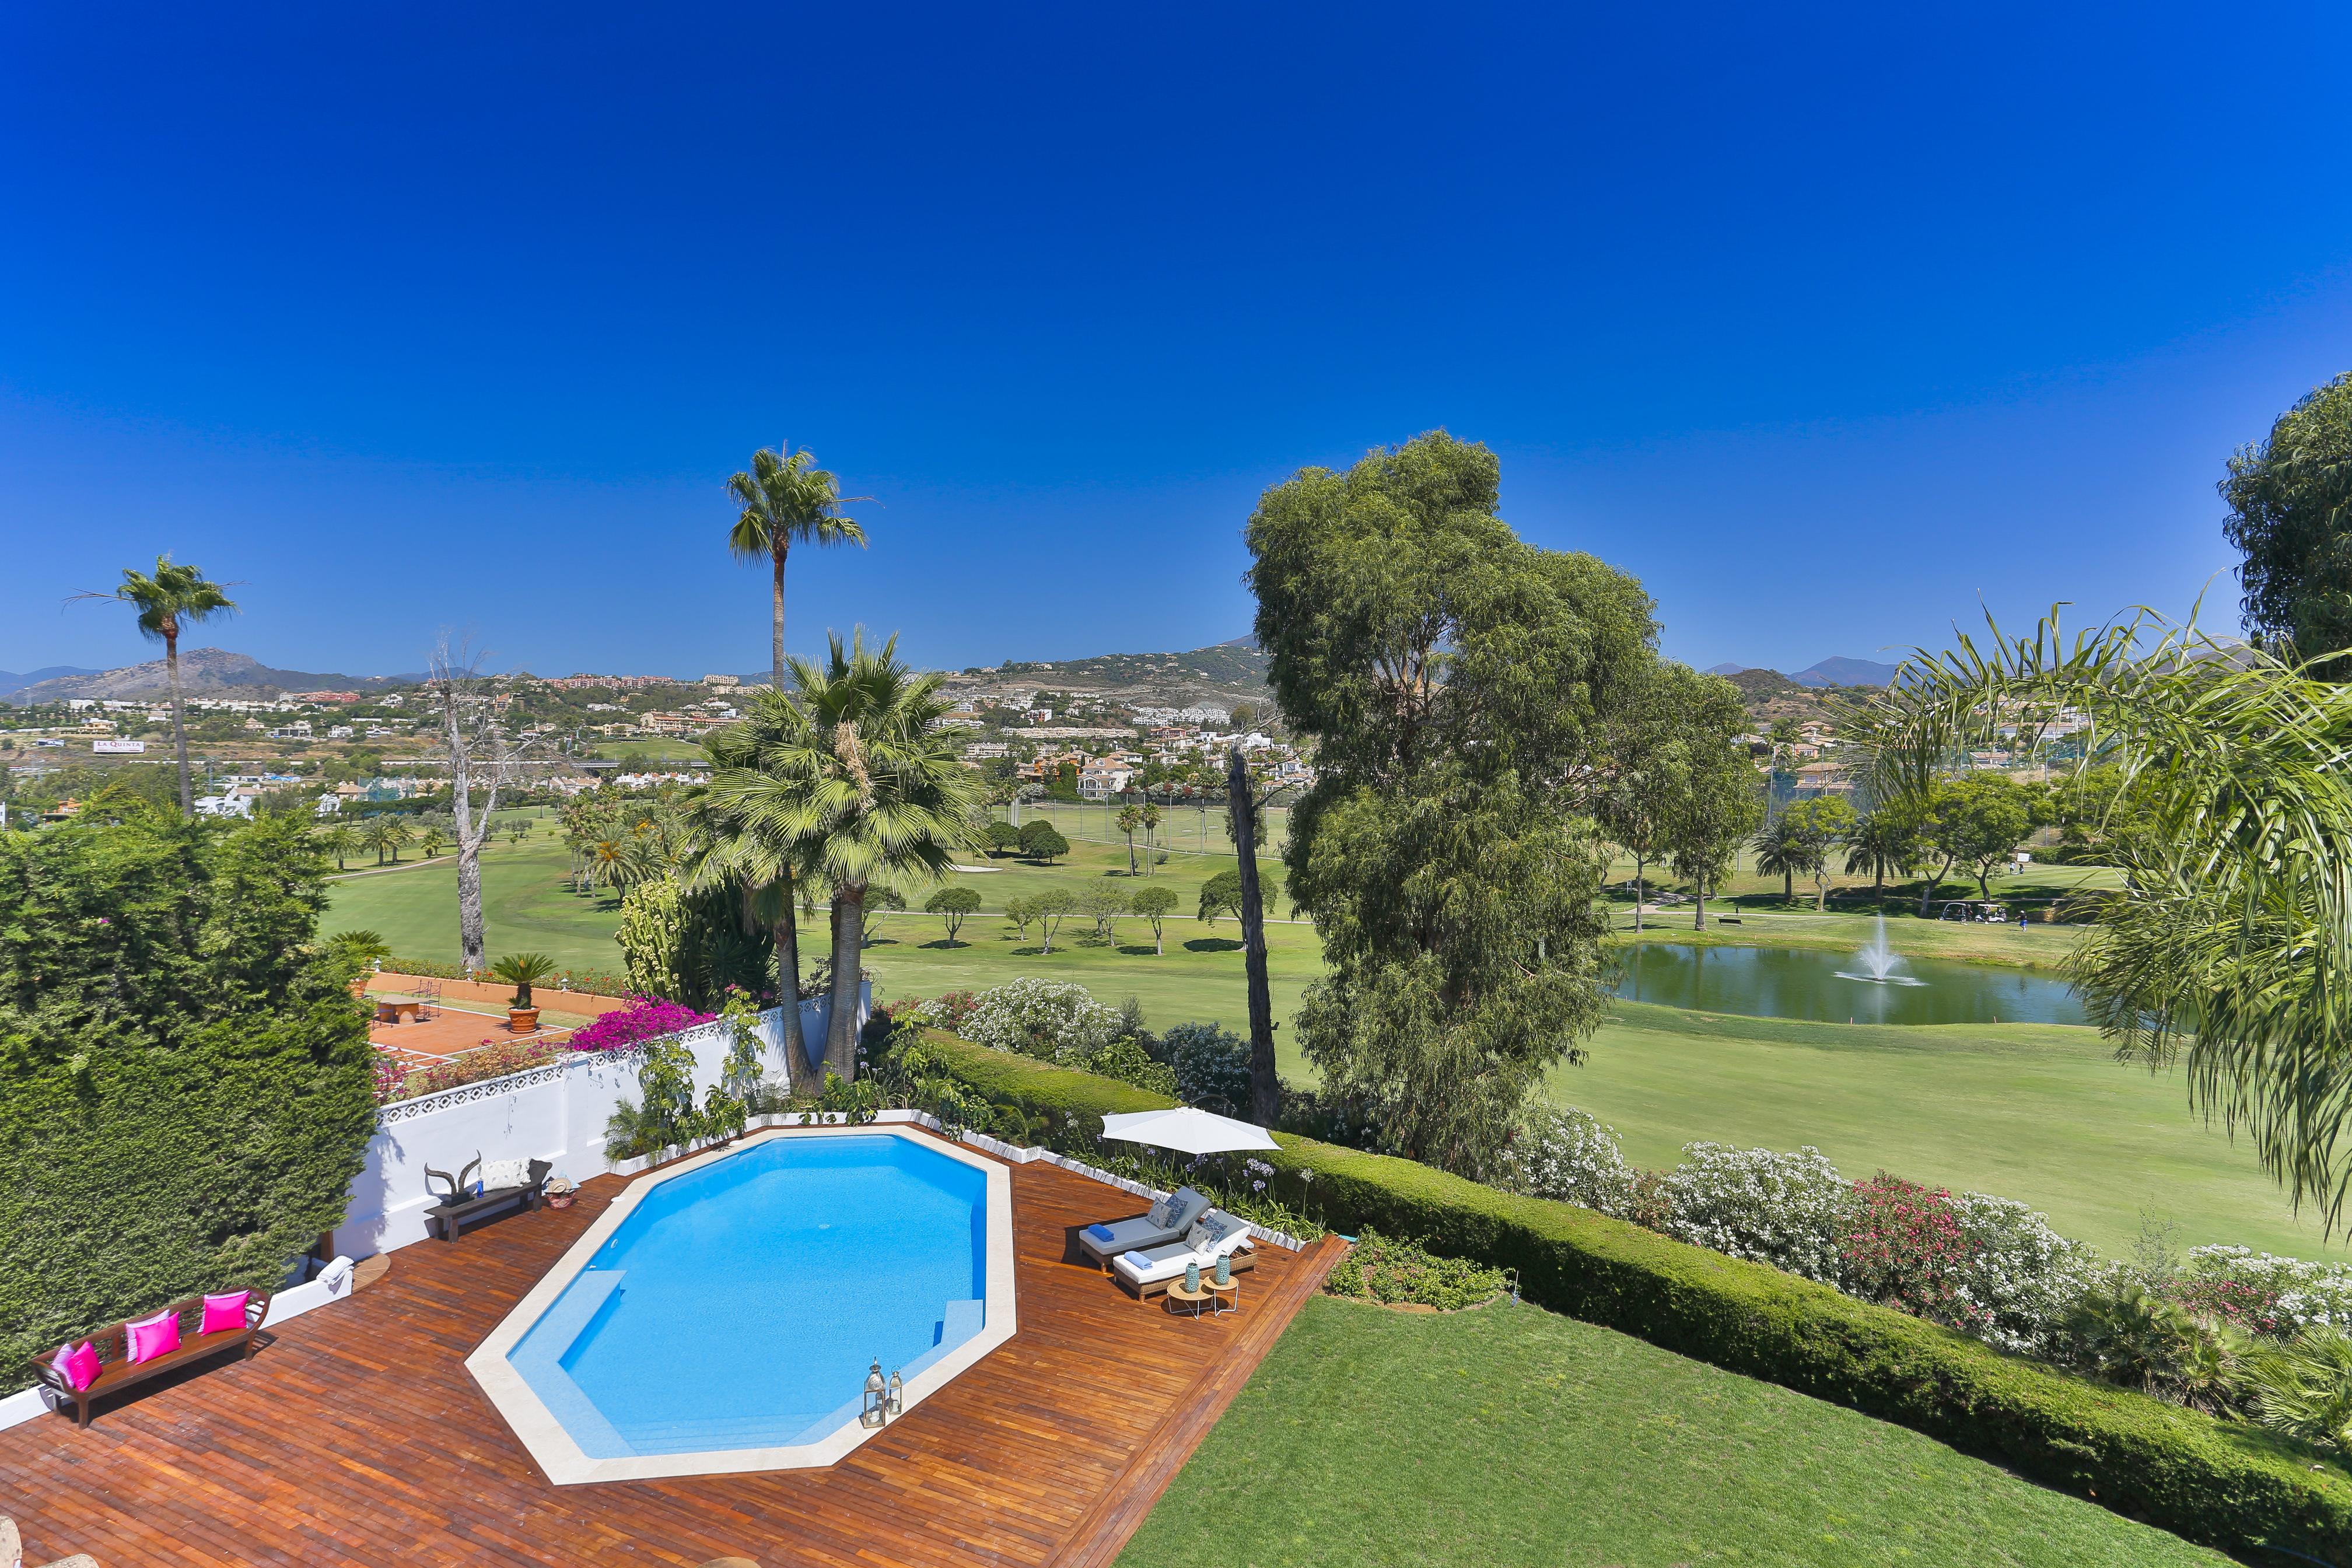 Les meilleures zones résidentielles face aux terrains de golf de Marbella